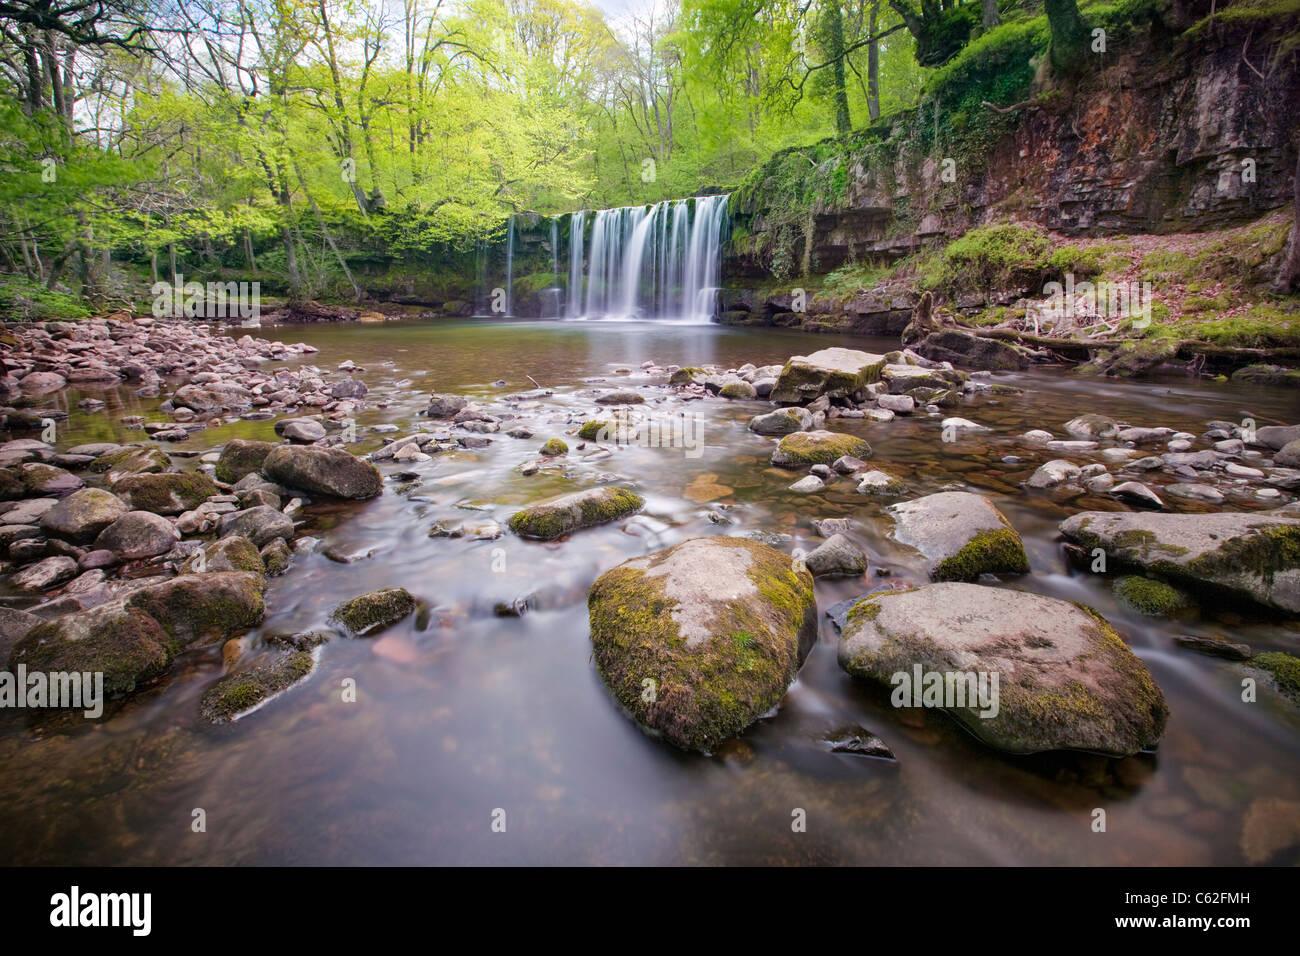 Die Brecons Baken Wasserfälle im Bereich Ystradfellte, Wales. Stockbild